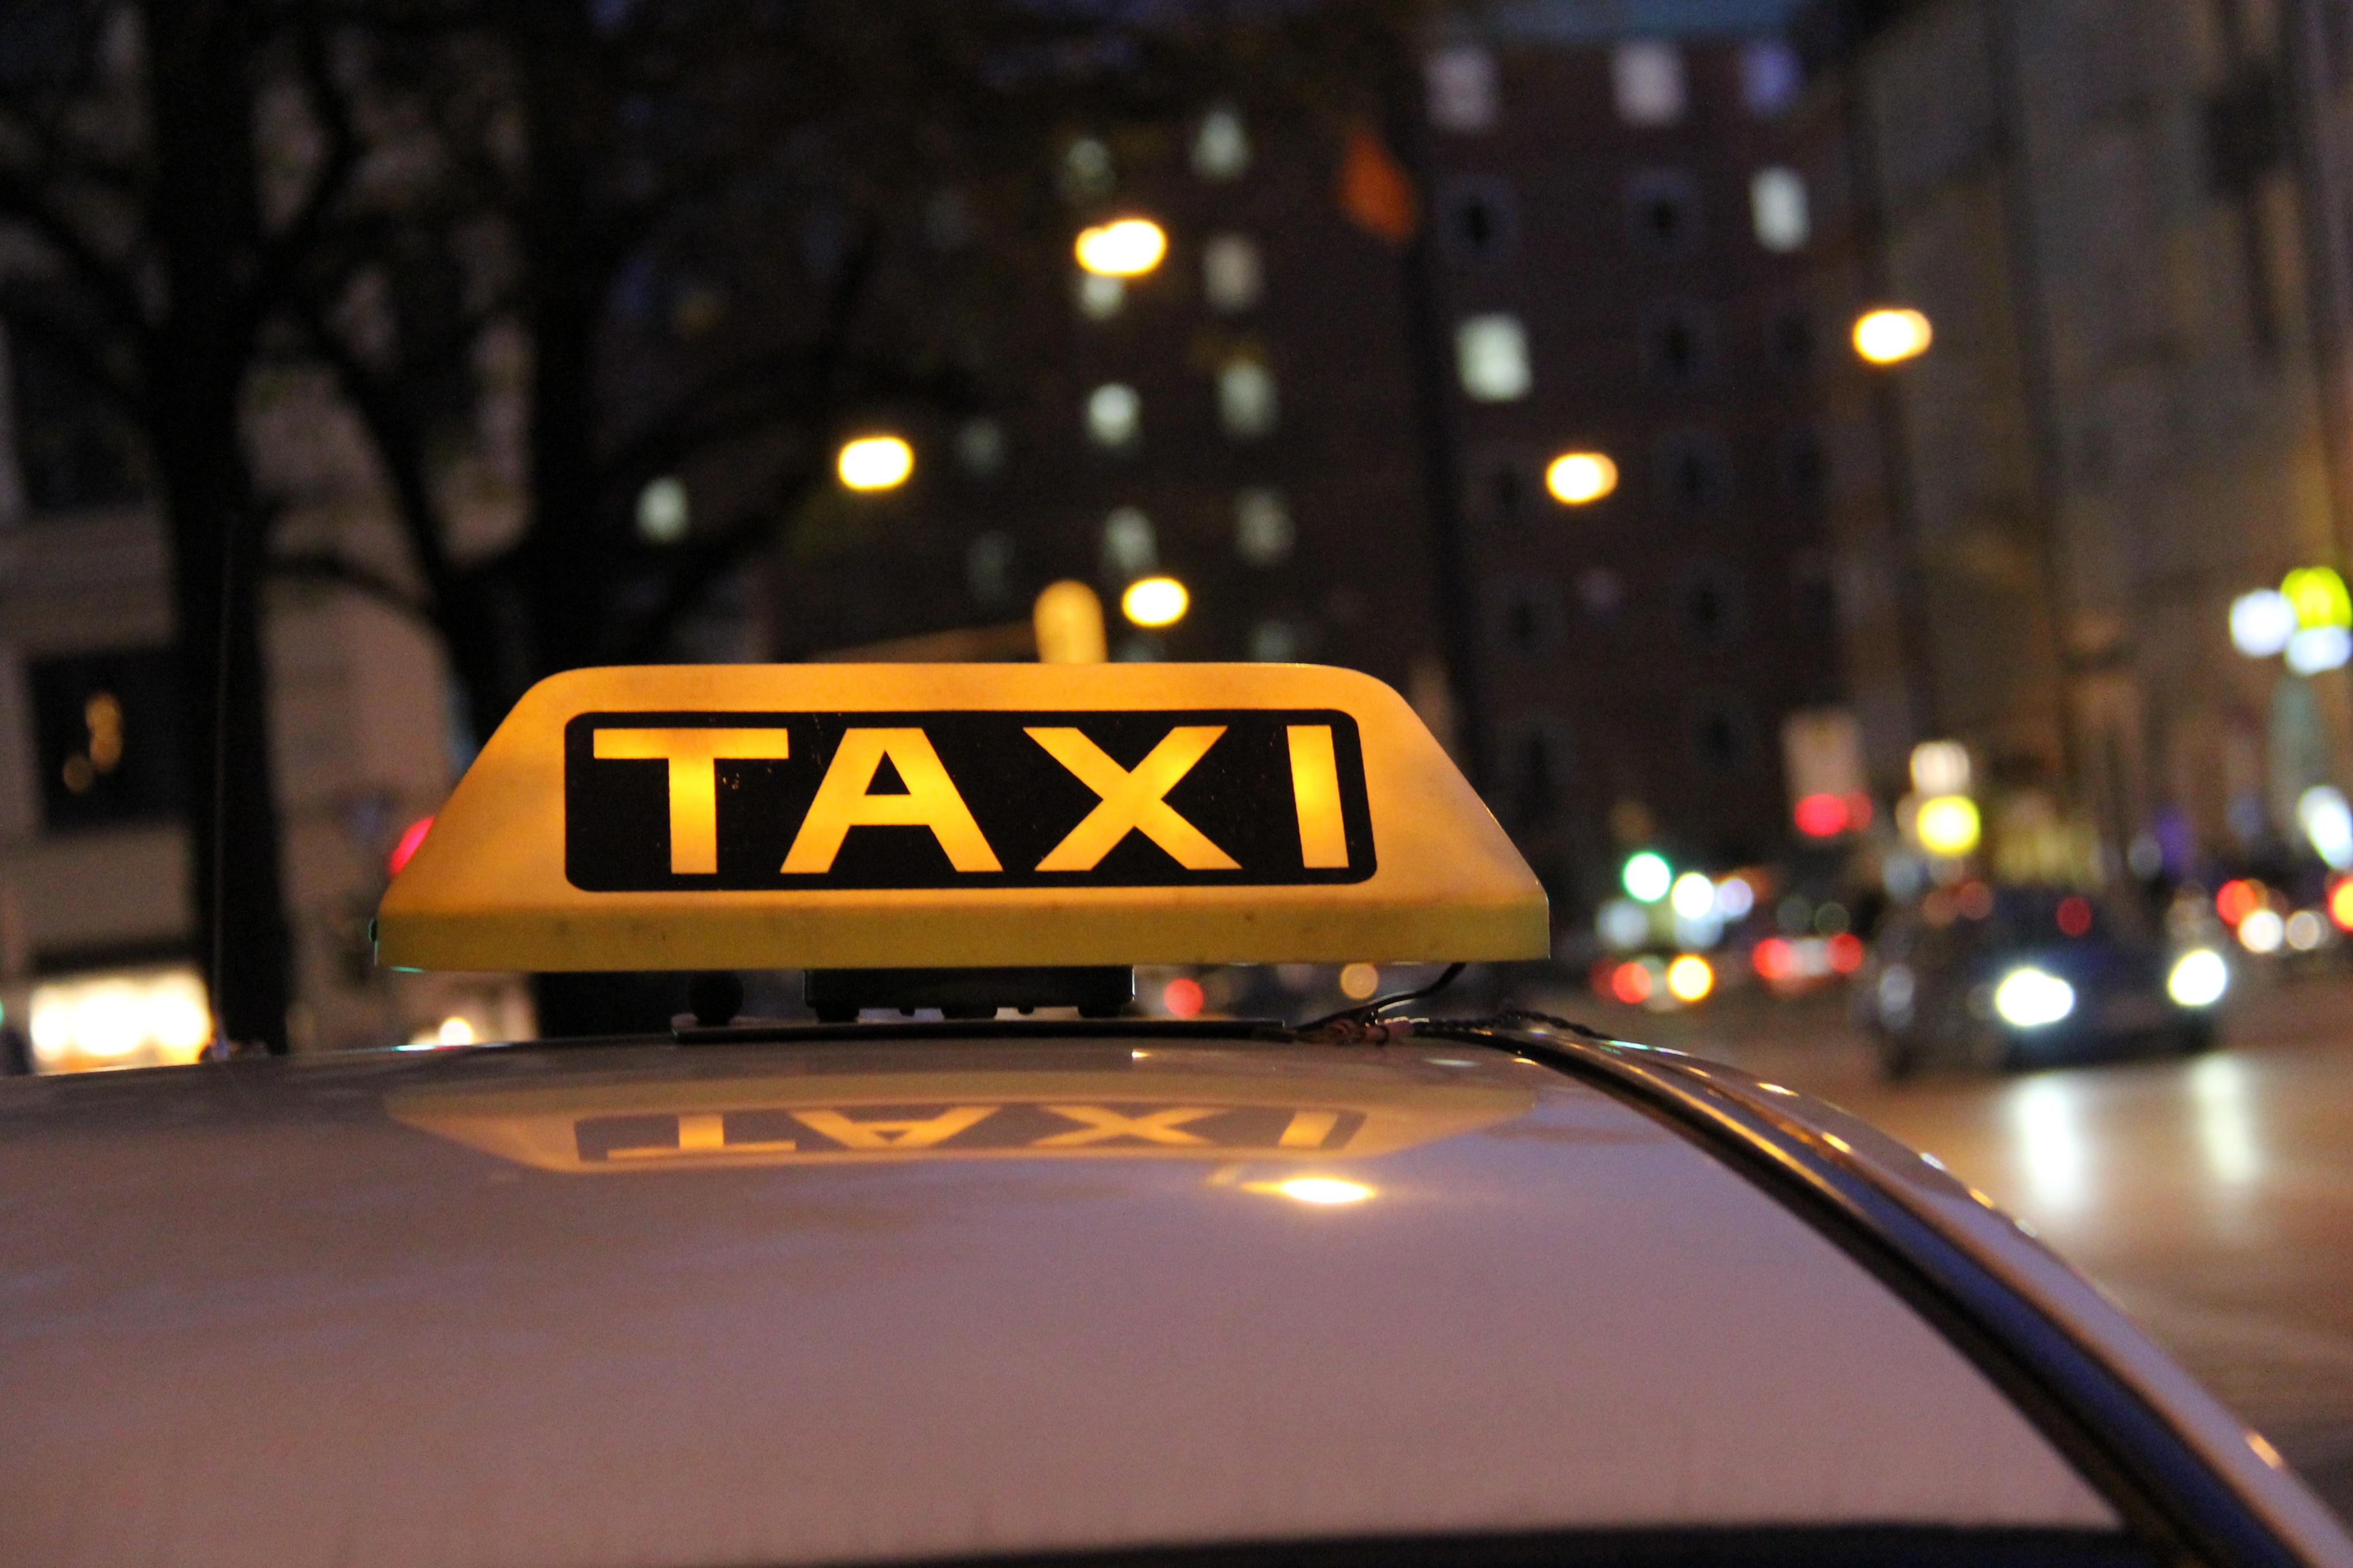 Комфортное и быстрое такси в Санкт-Петербурге